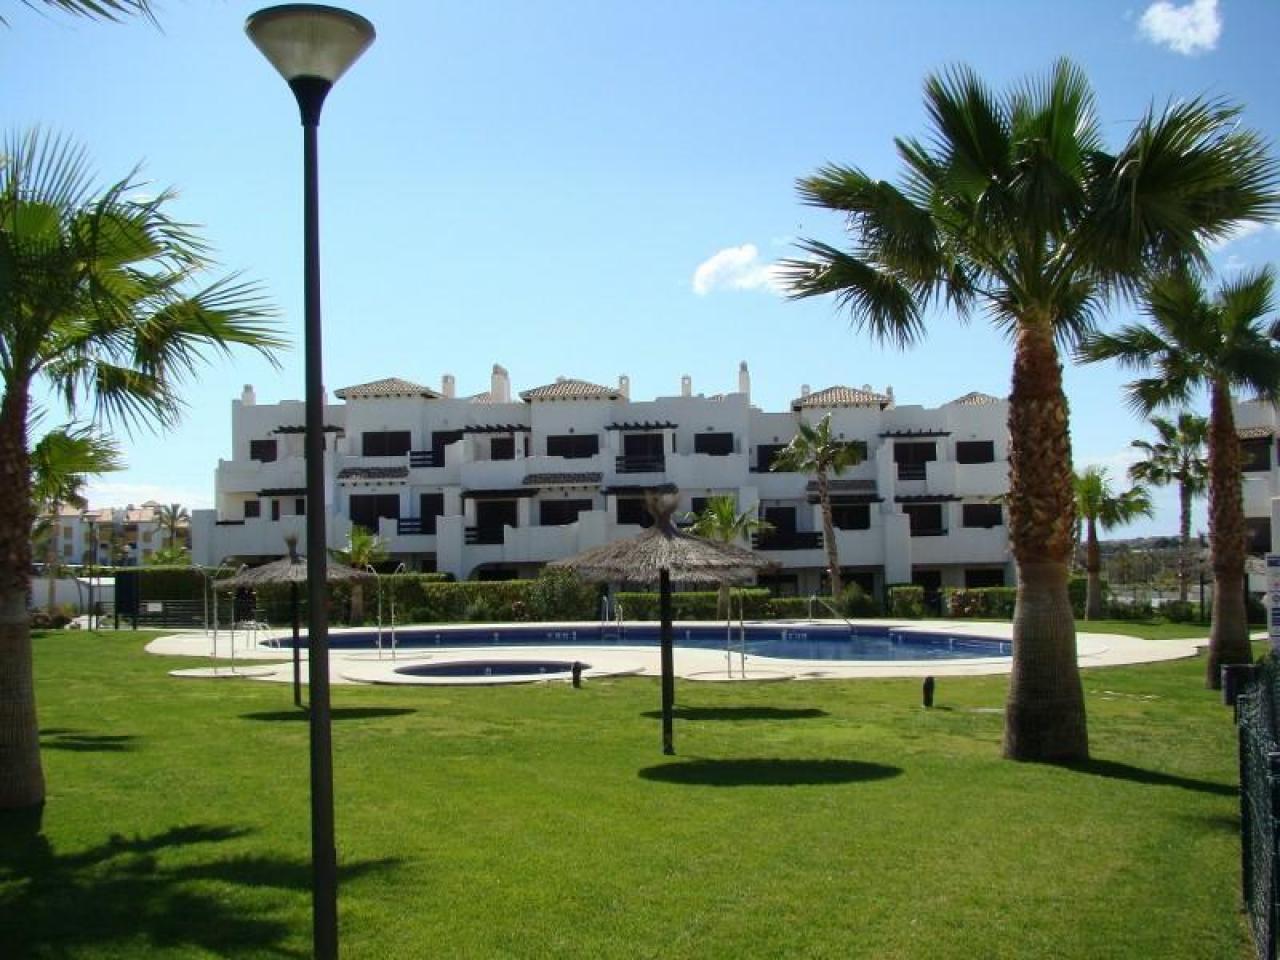 Casas vacacionales Vera, Almería